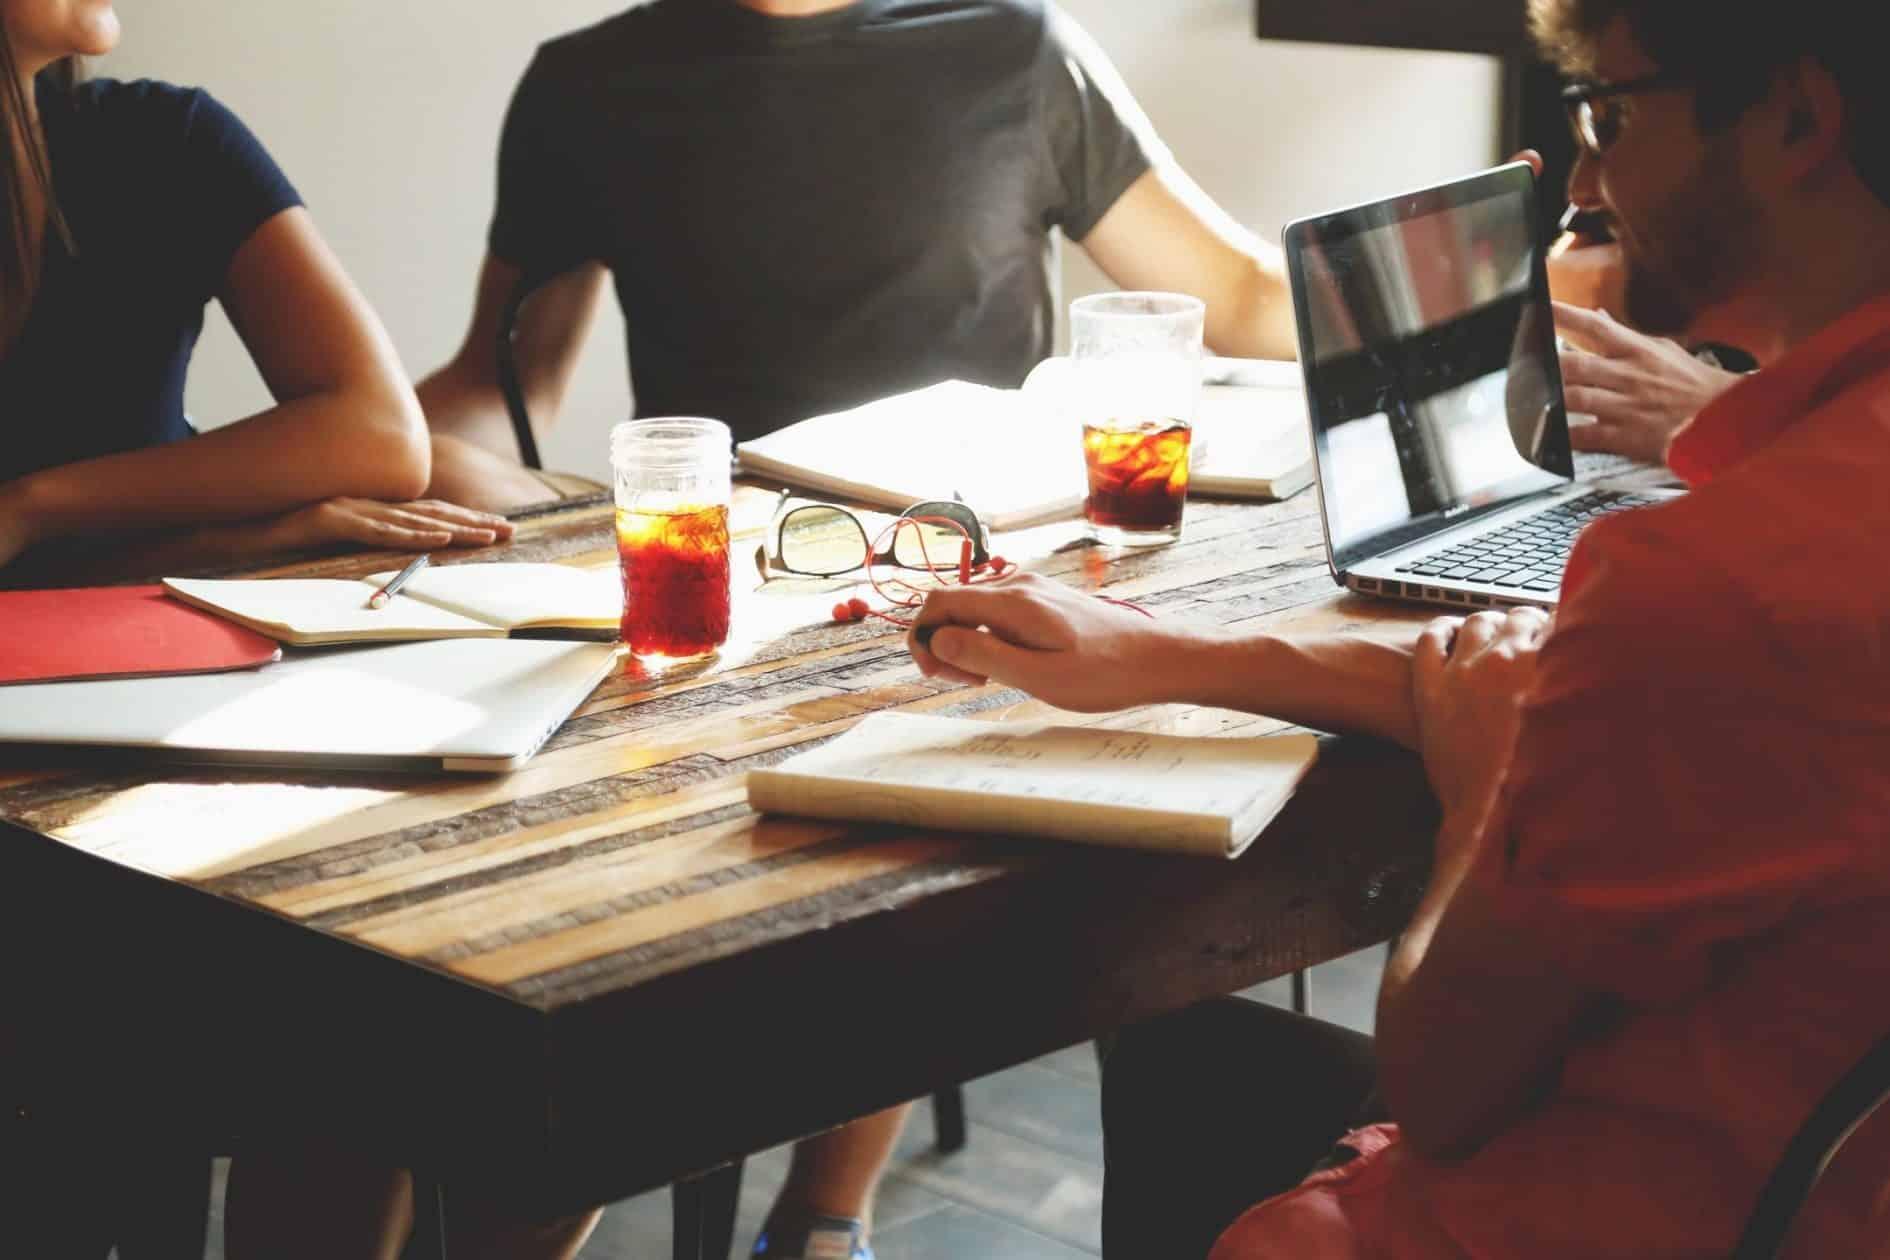 reconhecendo o amadorismo e nos tornando blogueiros profissionais